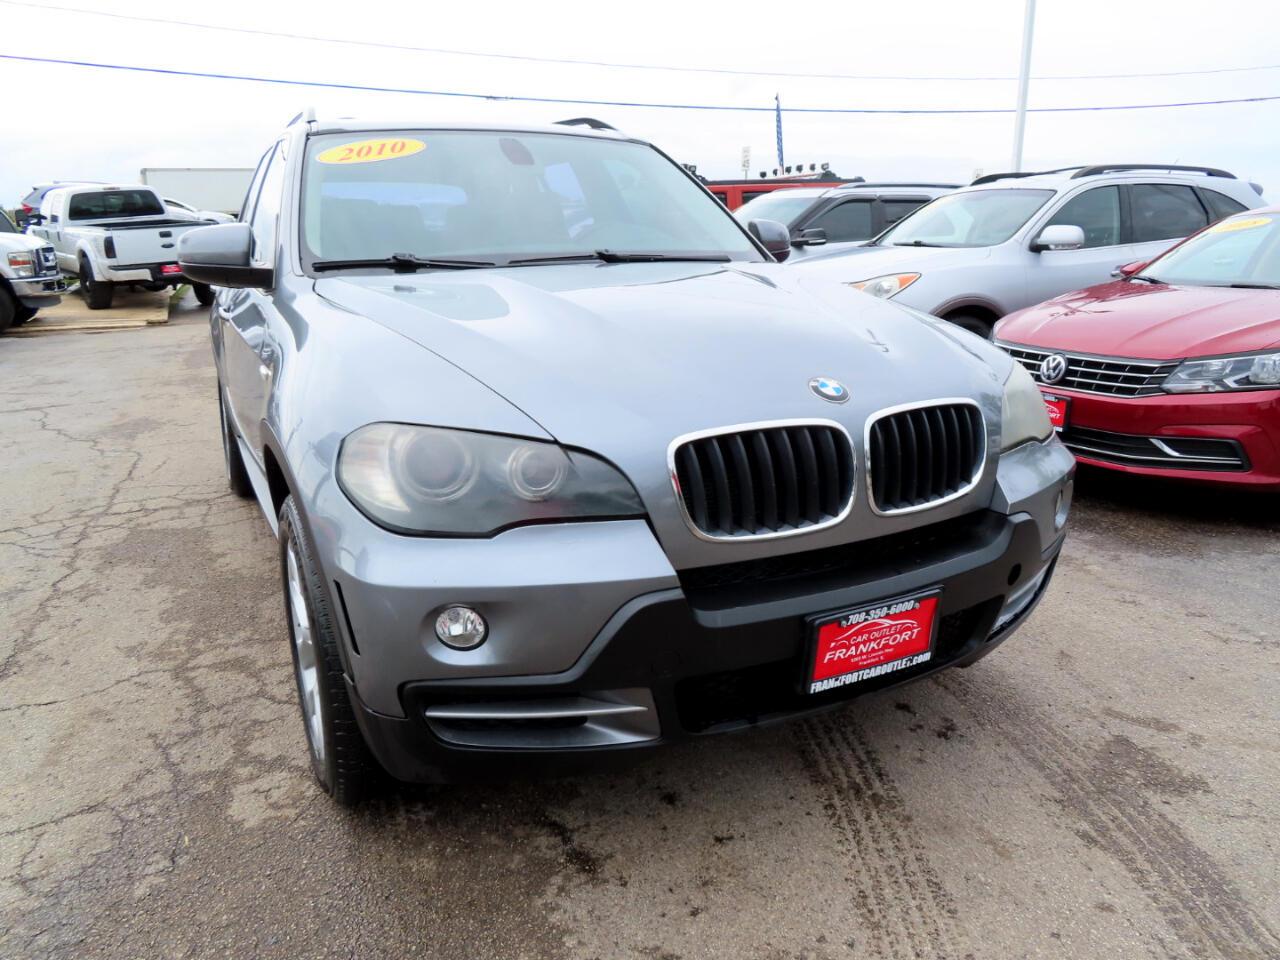 BMW X5 AWD 4dr 30i 2010